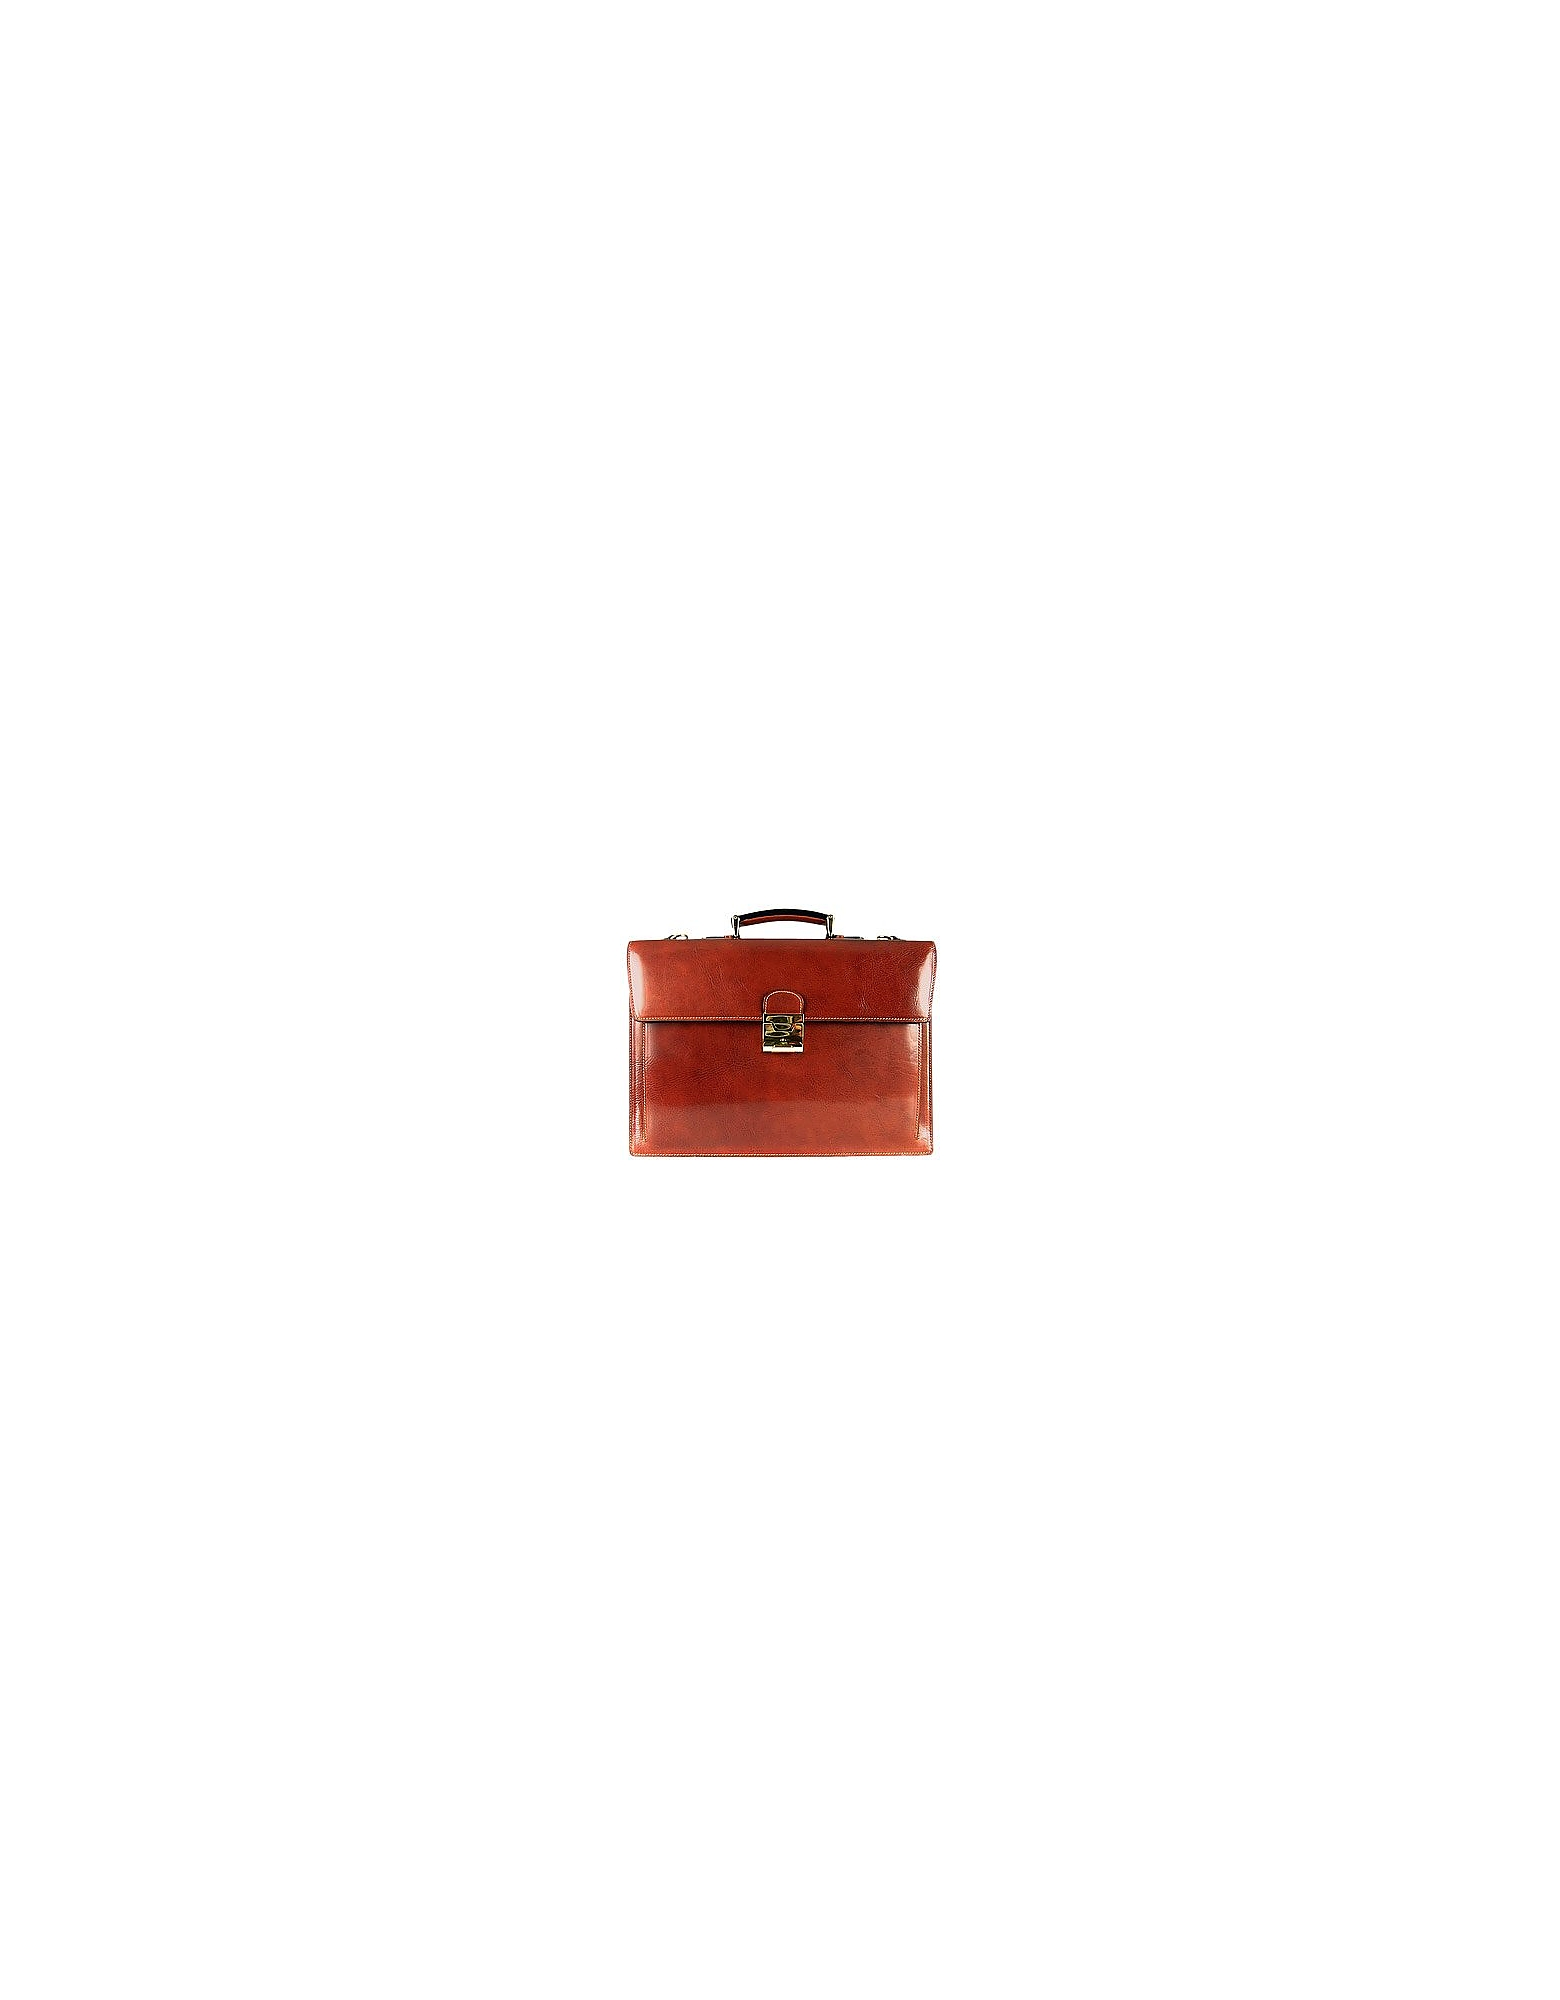 L.A.P.A. Briefcases, Classic Cognac Leather Briefcase